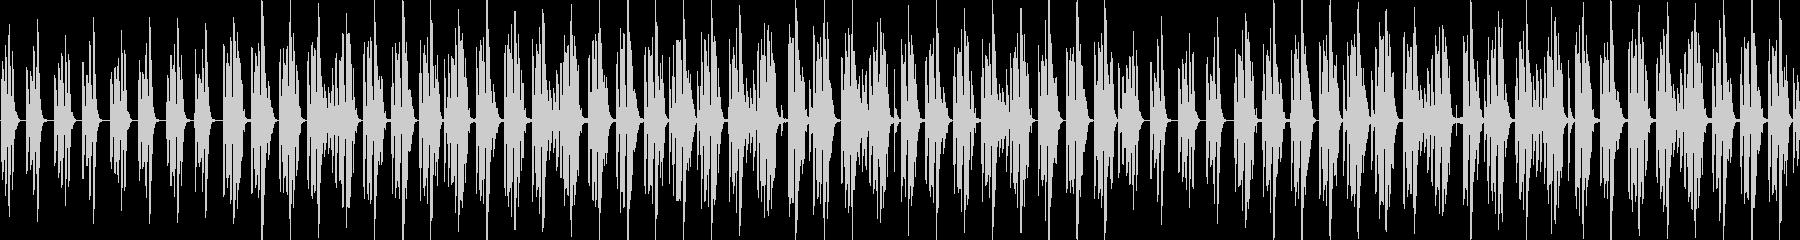 ループ コロコロした音色がかわいい日常系の未再生の波形